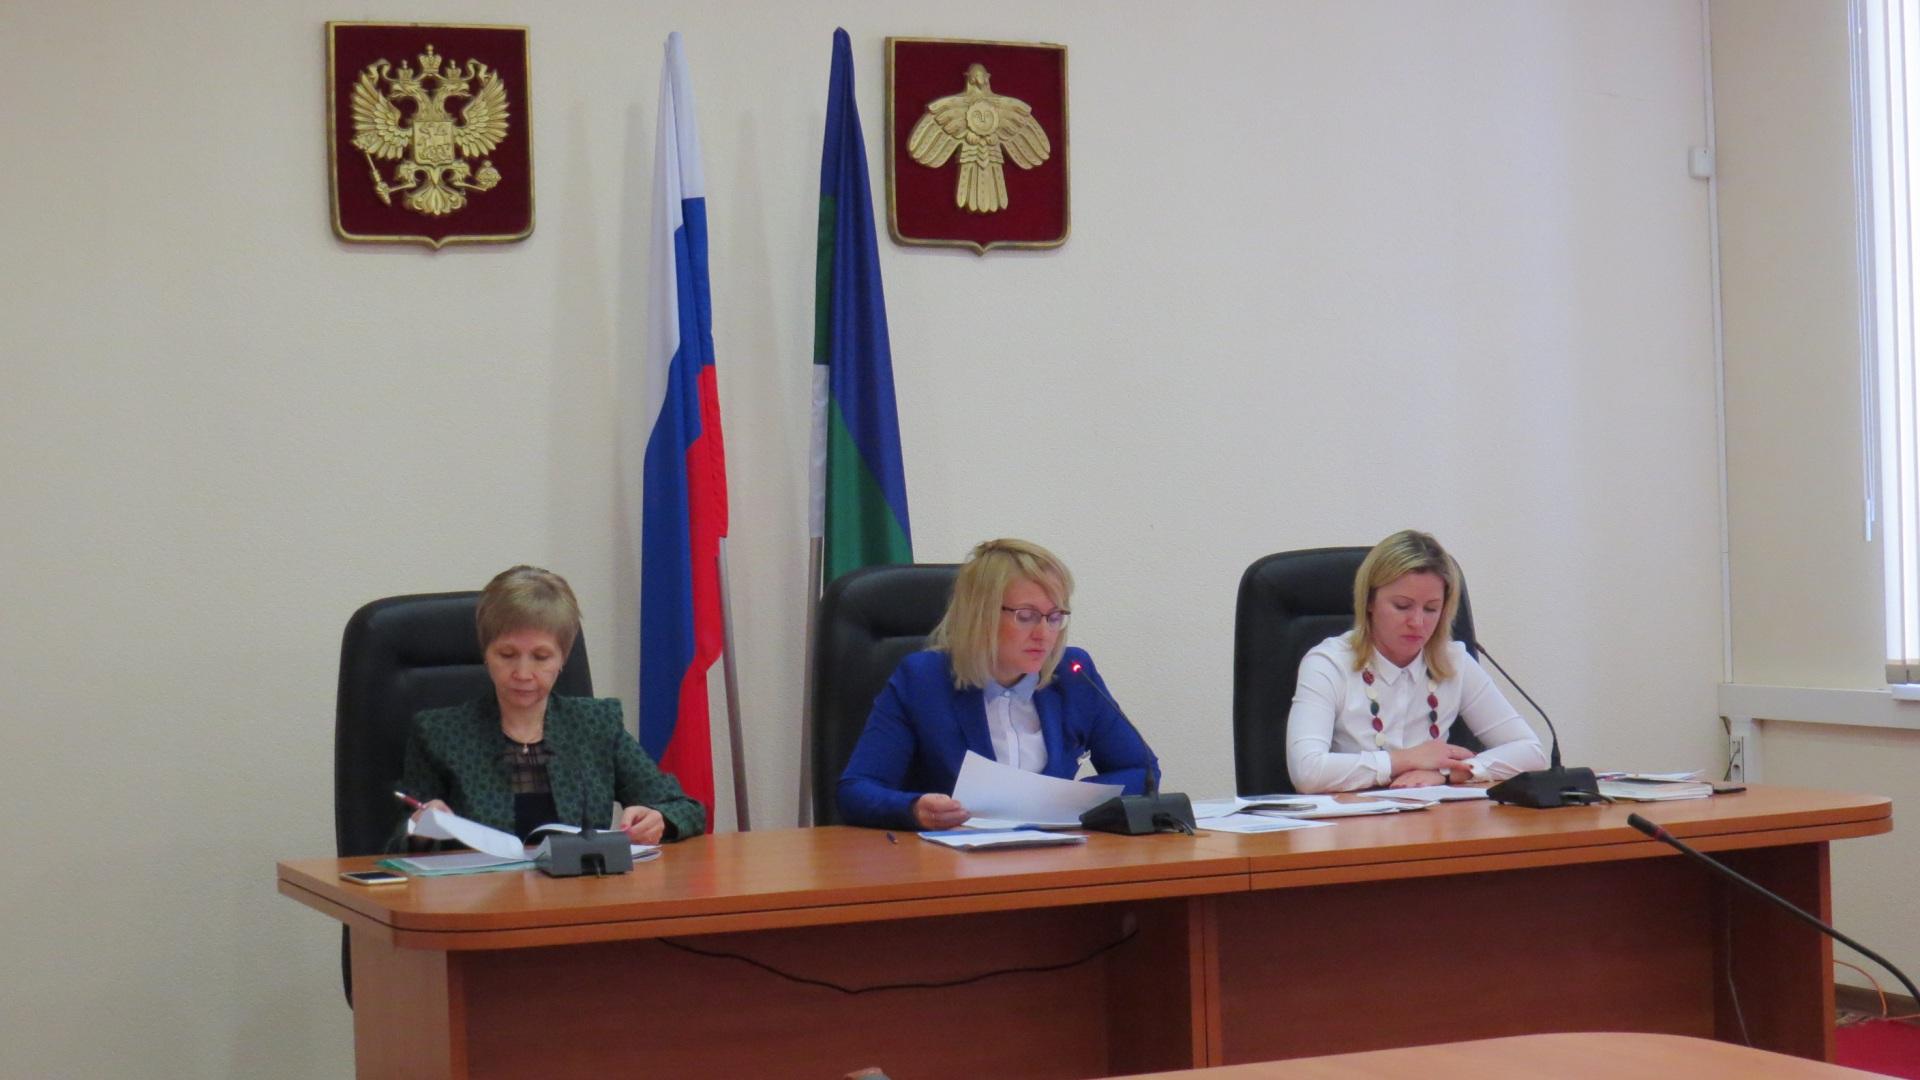 Подготовка к государственной итоговой аттестации в Коми идет в строгом соответствии с